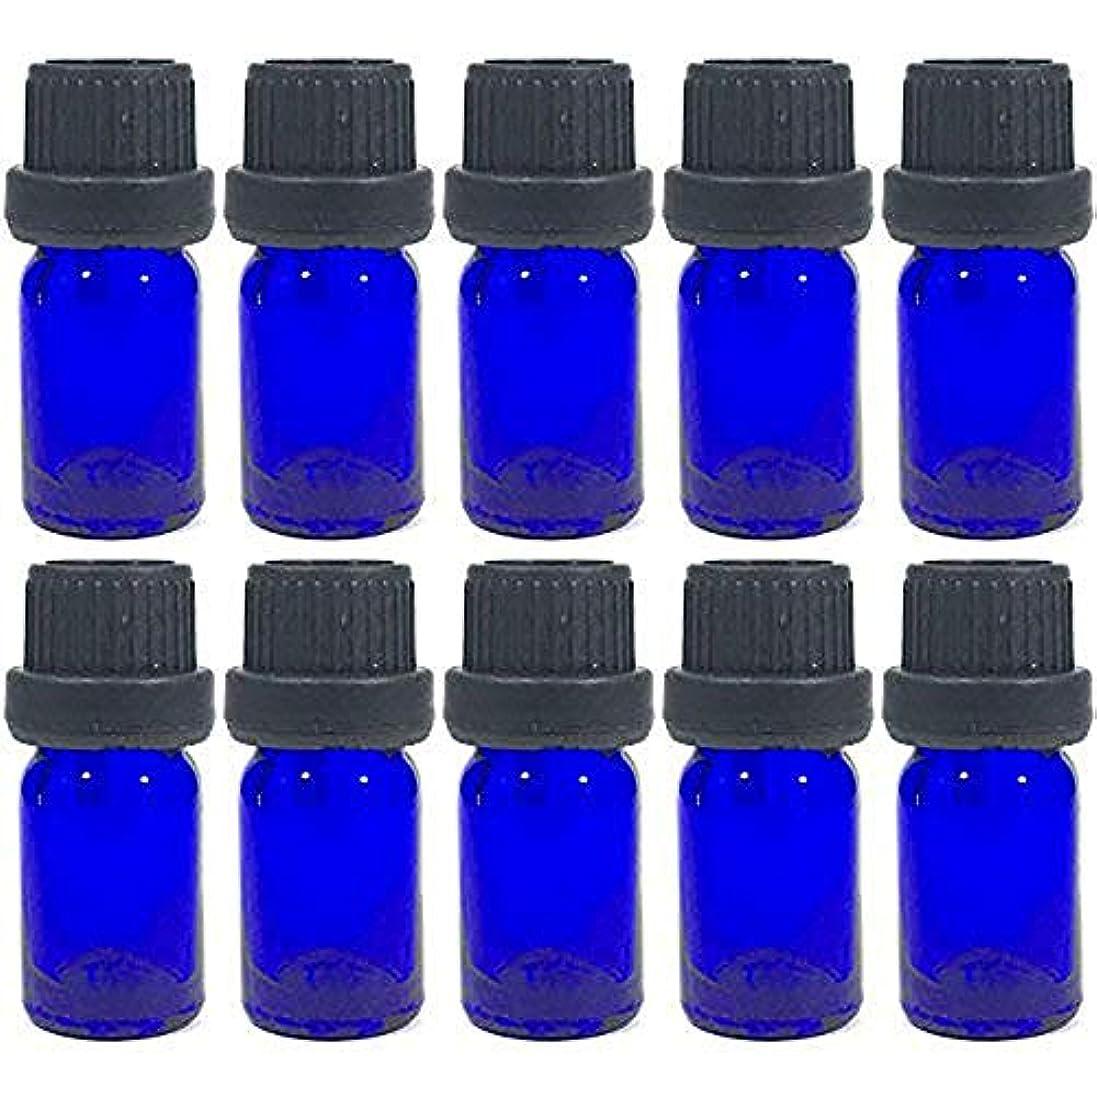 リングレットインスタント望ましい10本セット ガラス製 アロマオイル遮光瓶 エッセンシャルオイル アロマ 遮光ビン 保存用 精油 ガラスボトル